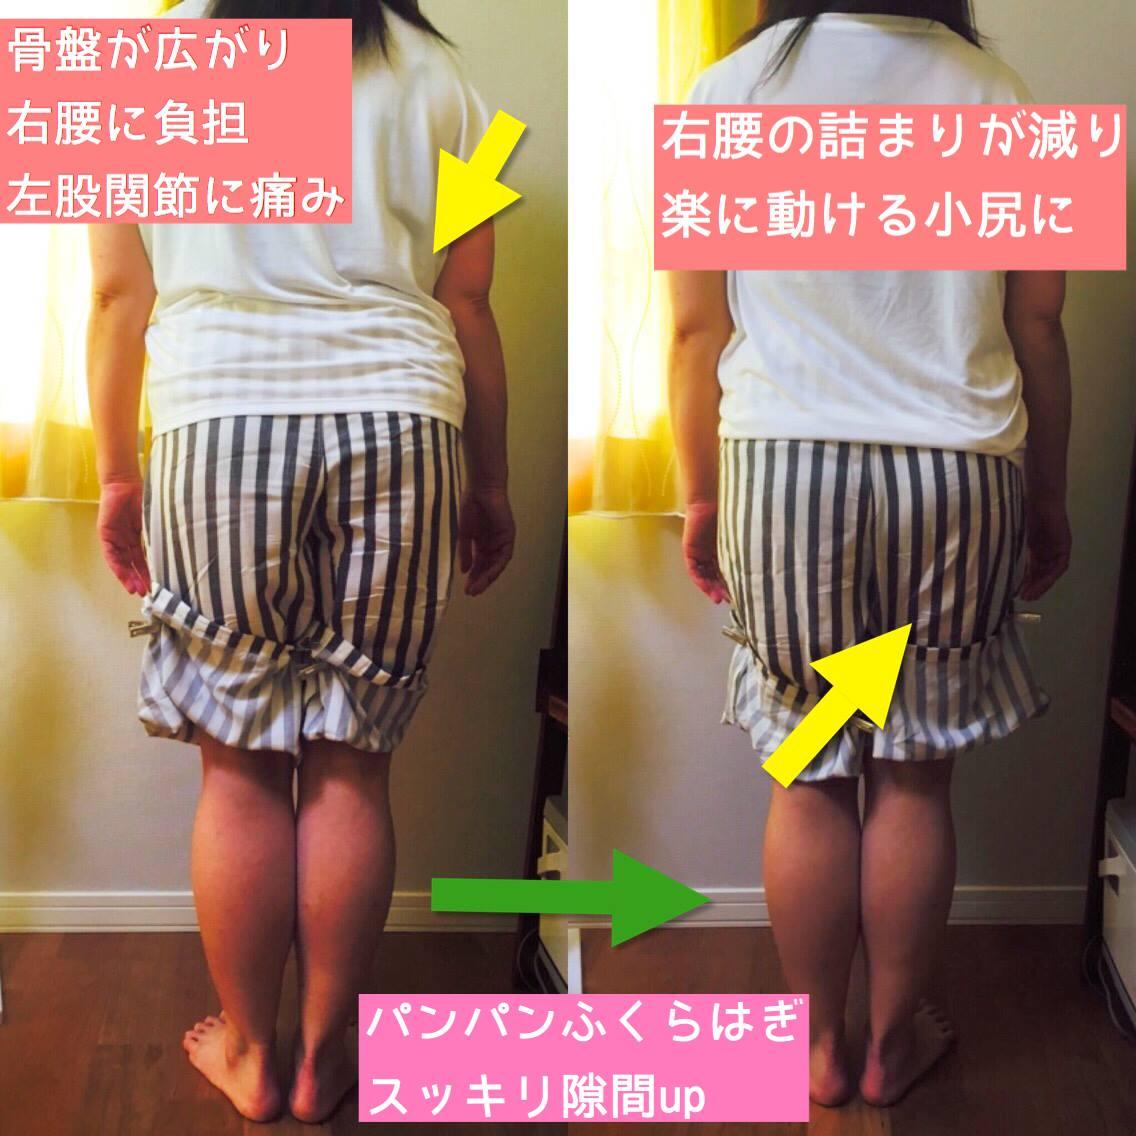 角田さん事例.jpg